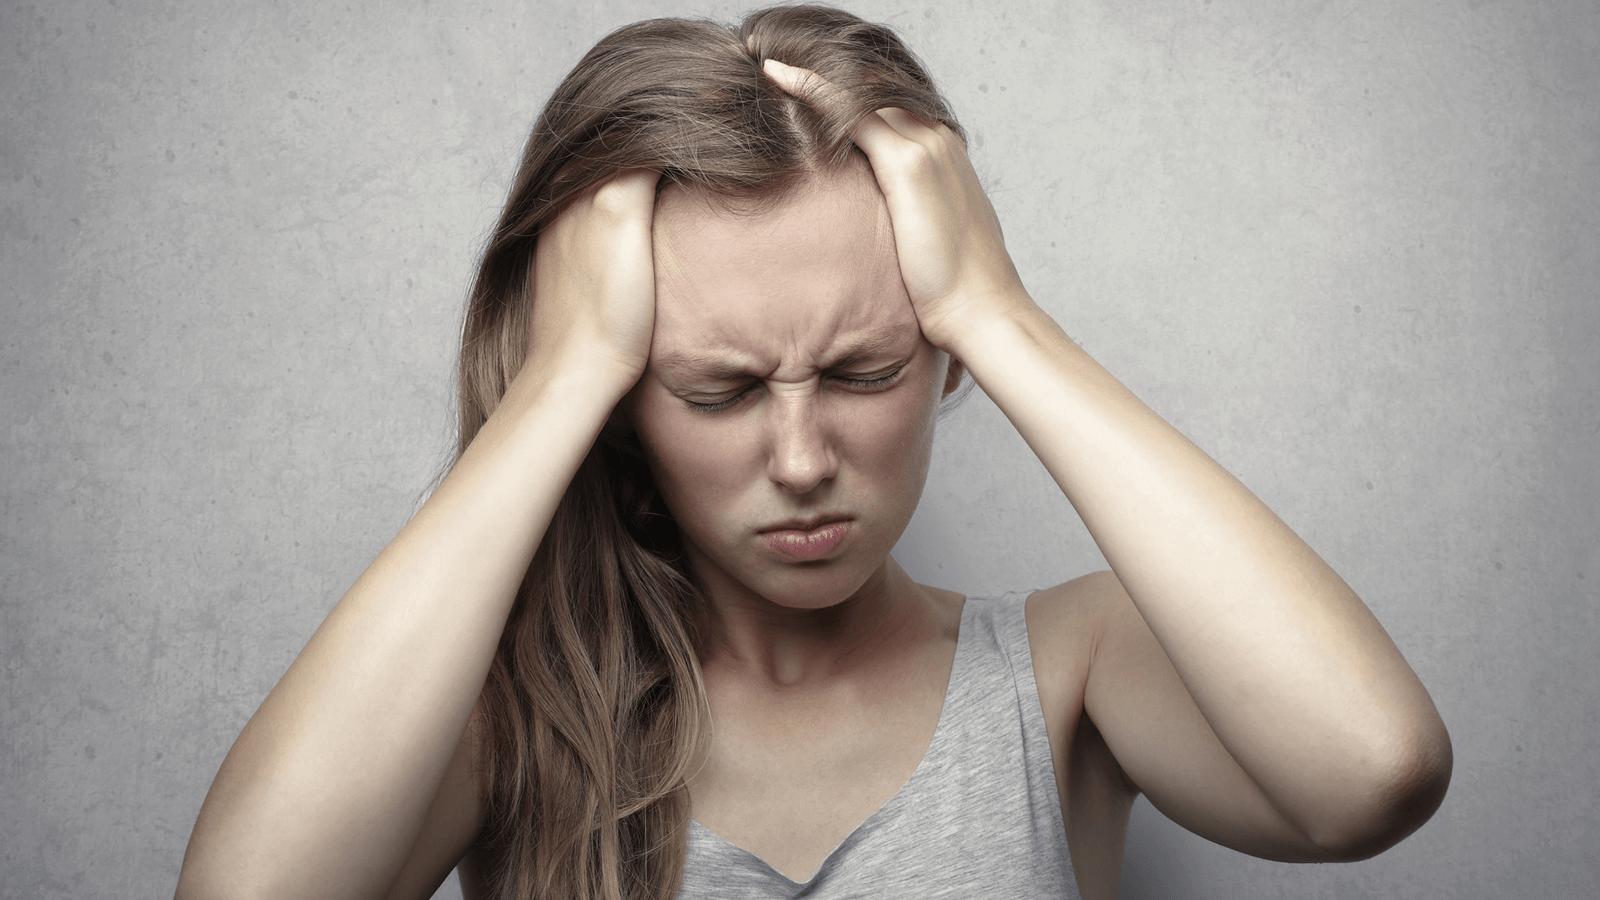 Mulher com mãos na cabeça em stresse